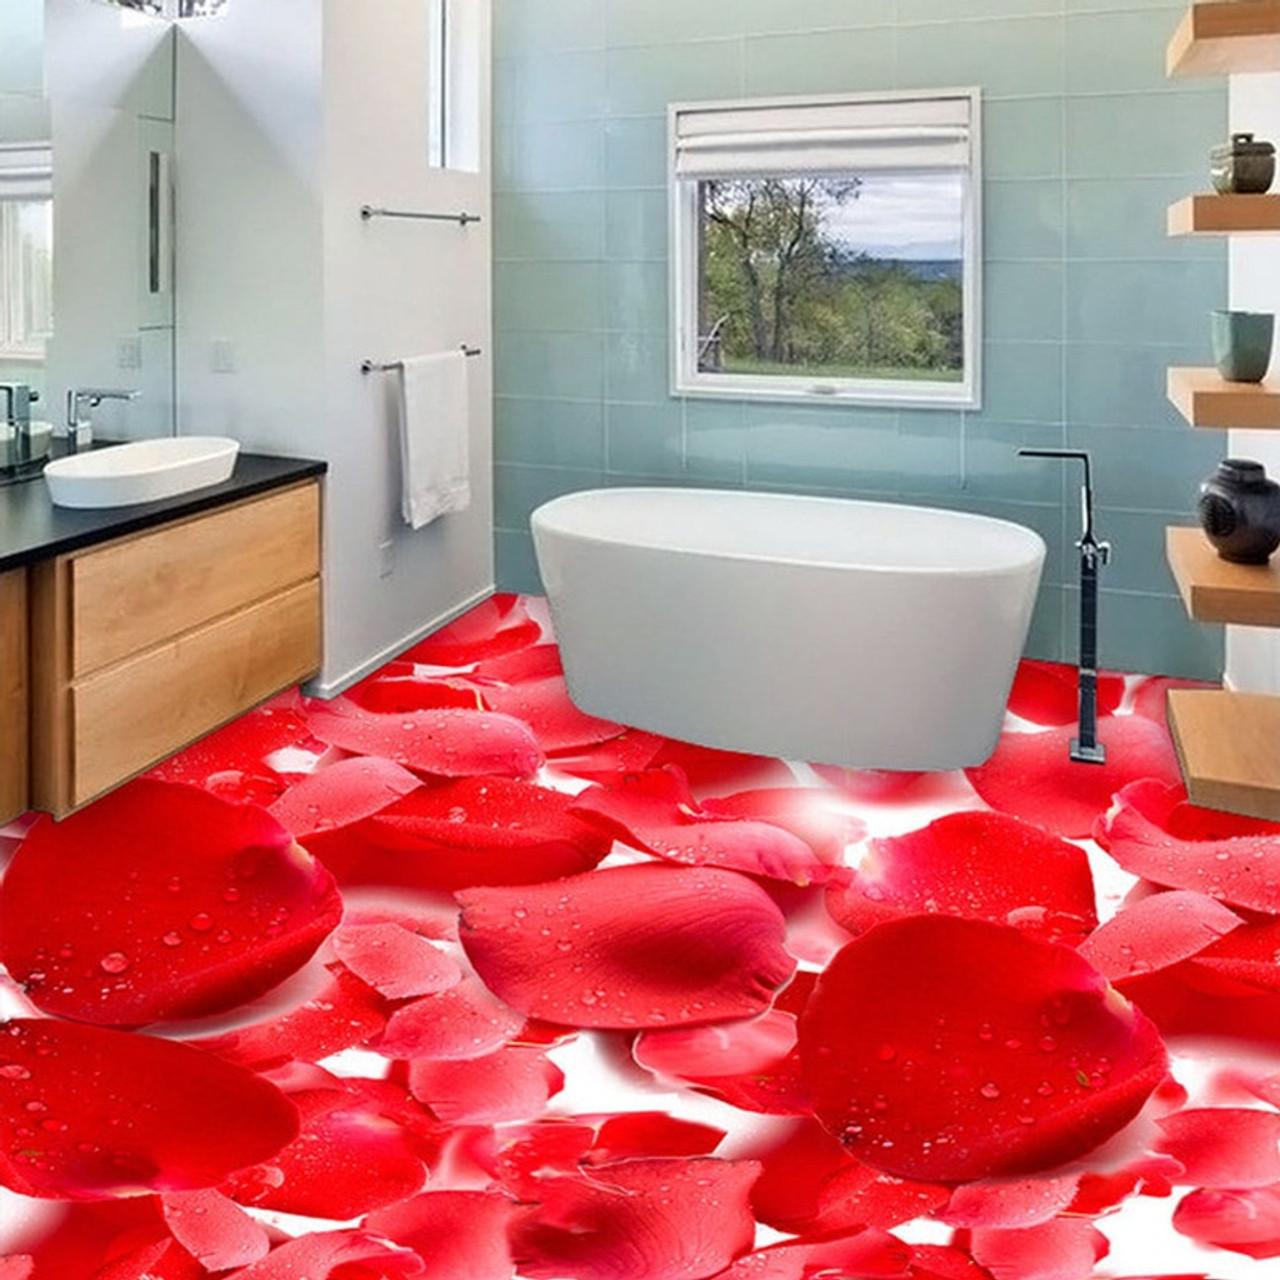 3d Red Flowers Photo Floor Wallpaper Stickers Anti Wear Living Room Bedroom Waterproof Pvc Self Adhesive Vinyl Flooring Murals